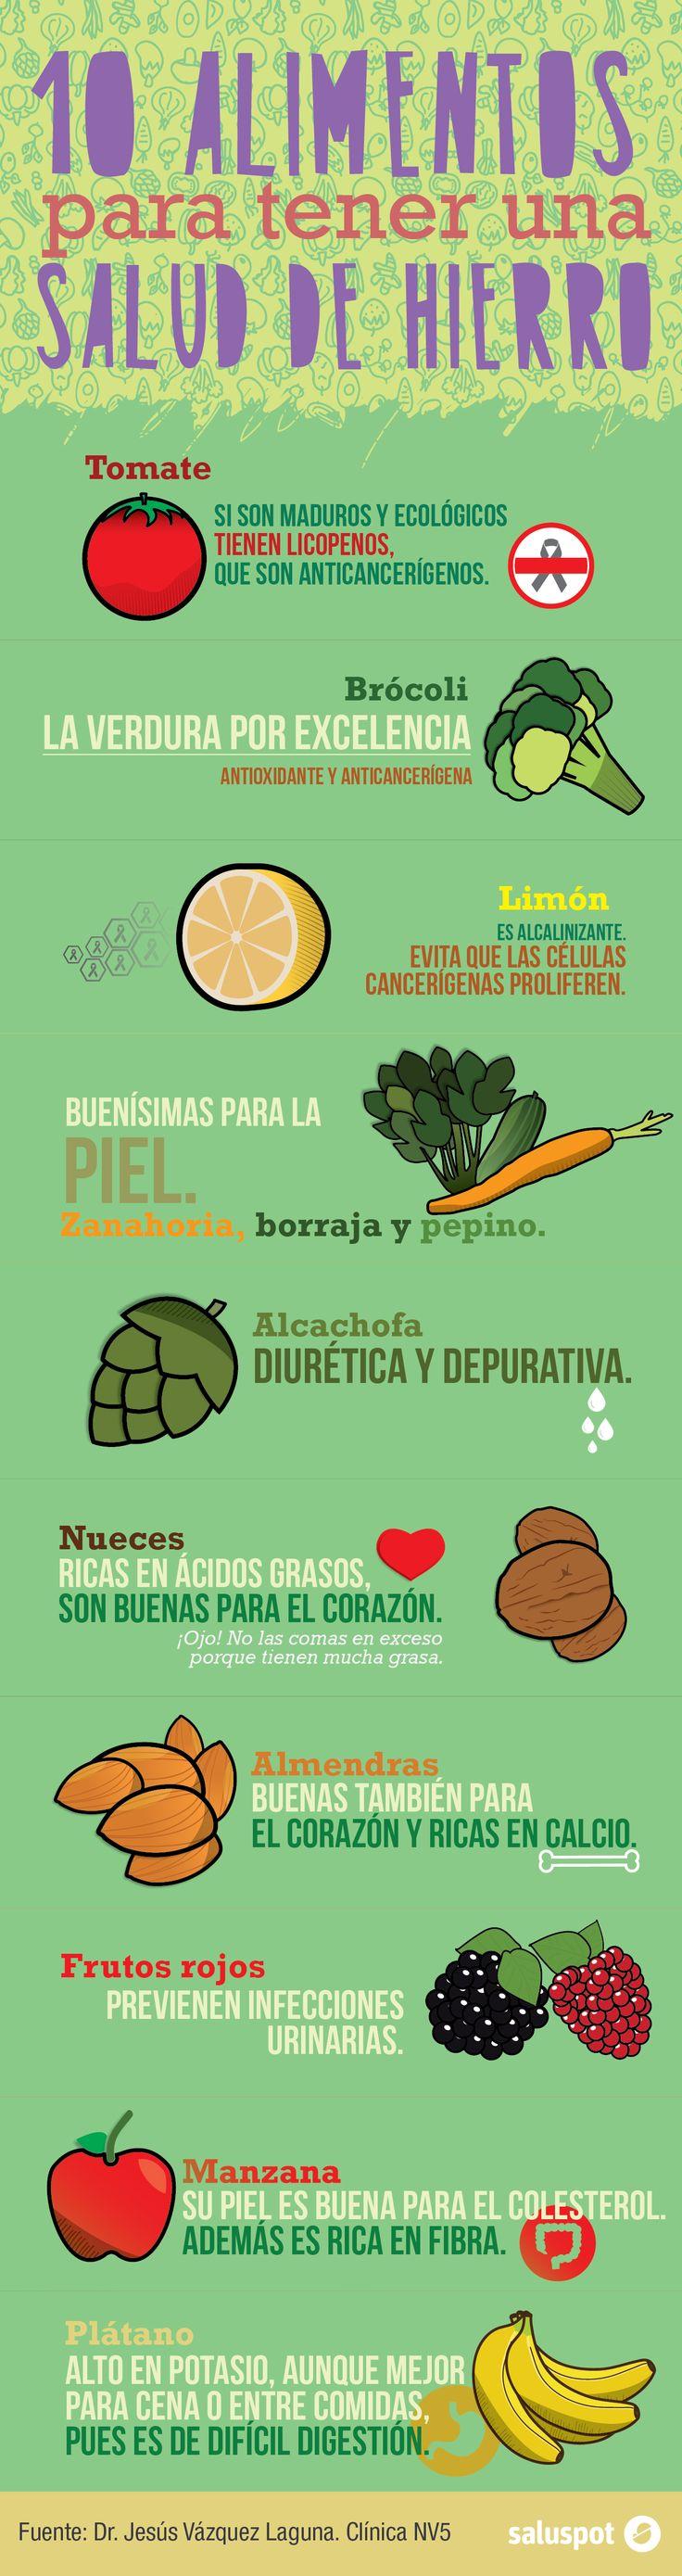 alimentos para tener una salud de hierro